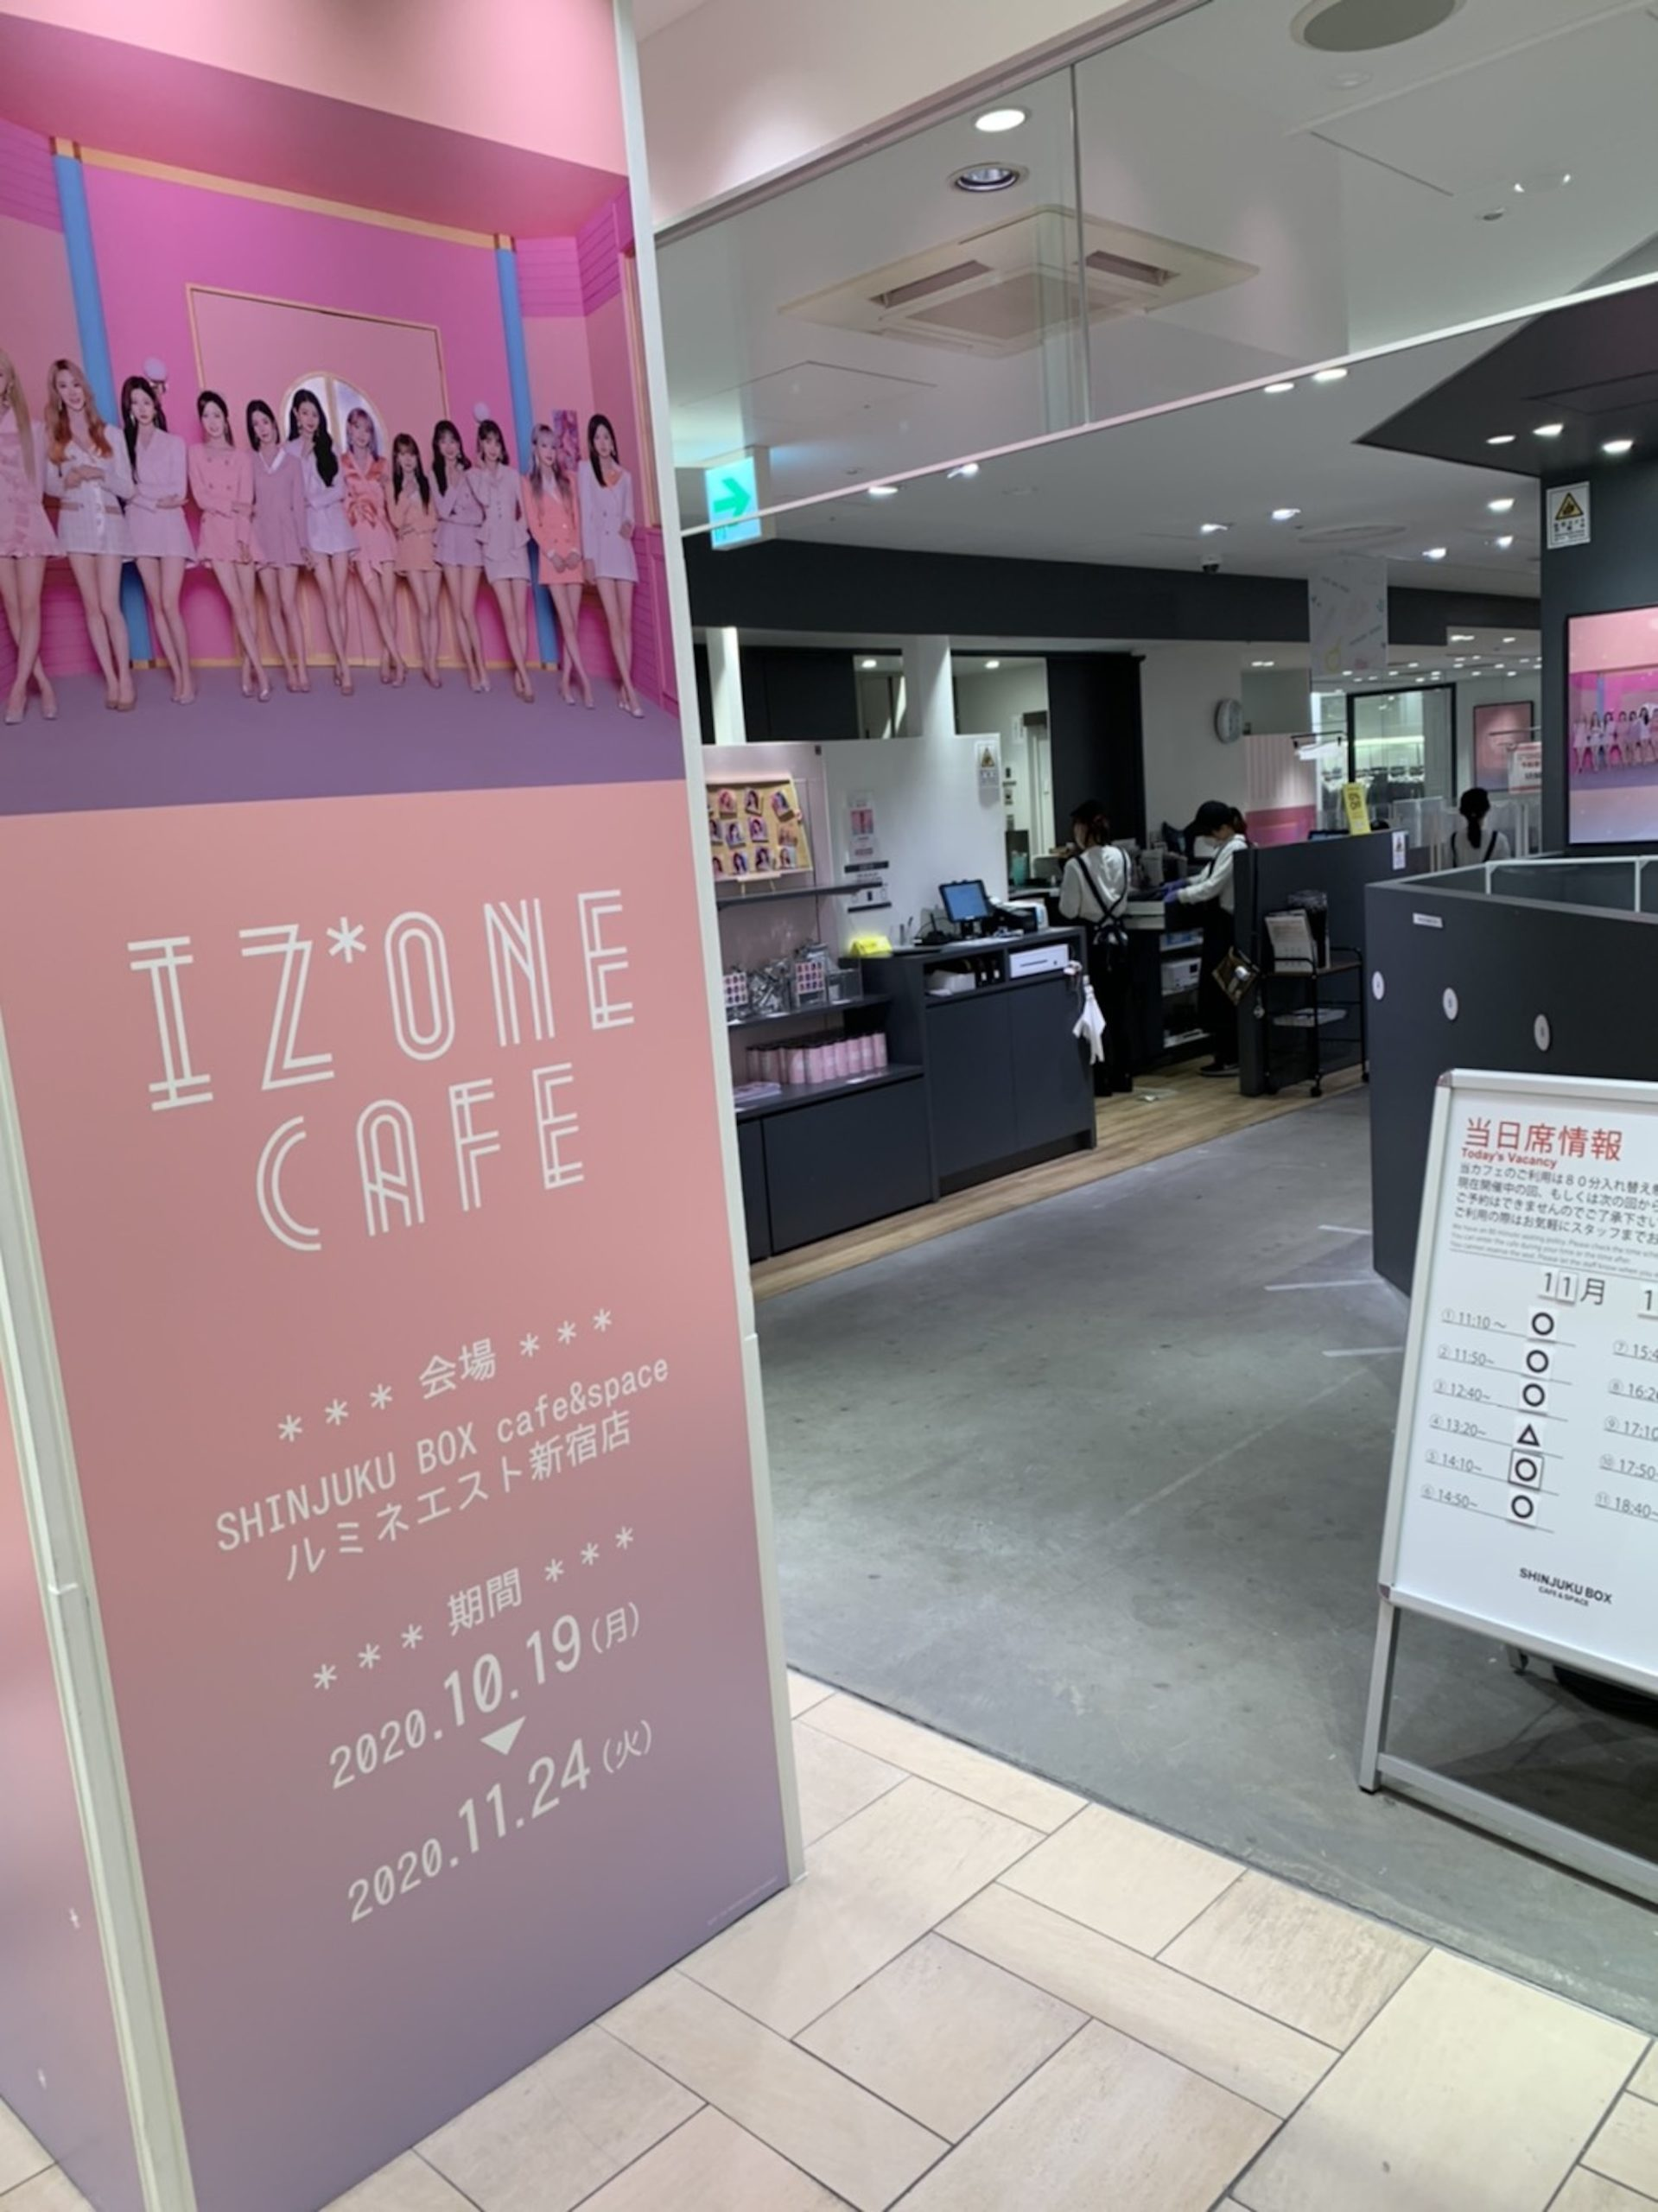 IZ*ONE CAFEにて